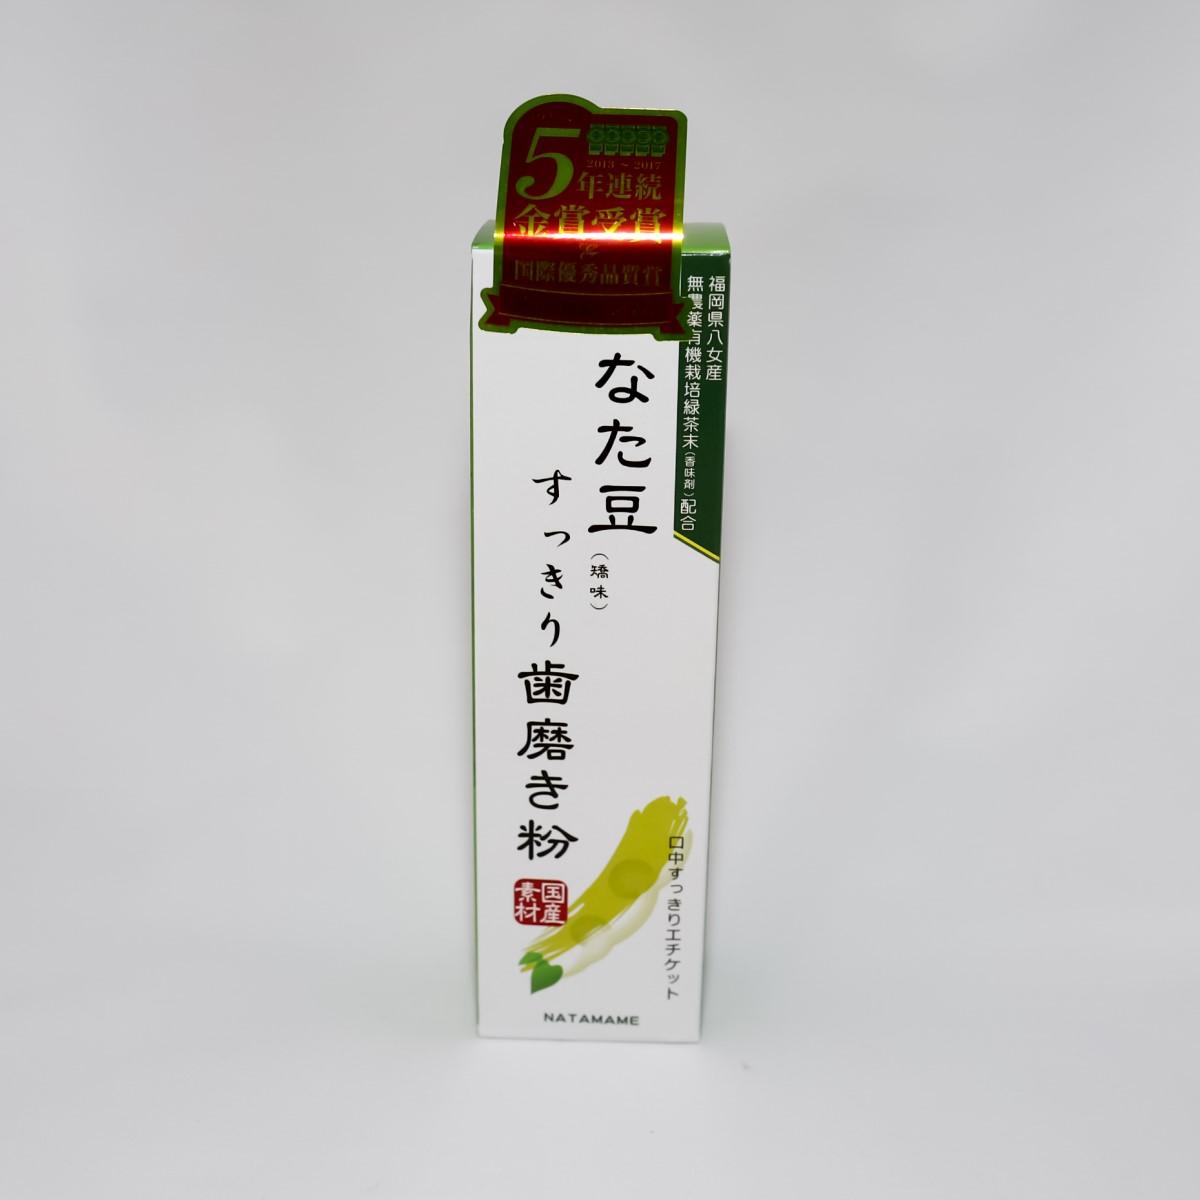 息スッキリ お口さわやか 送料無料 まとめ売り すっきり歯磨き粉 120g×16本第1位 入荷予定 矯味 新生活 なた豆